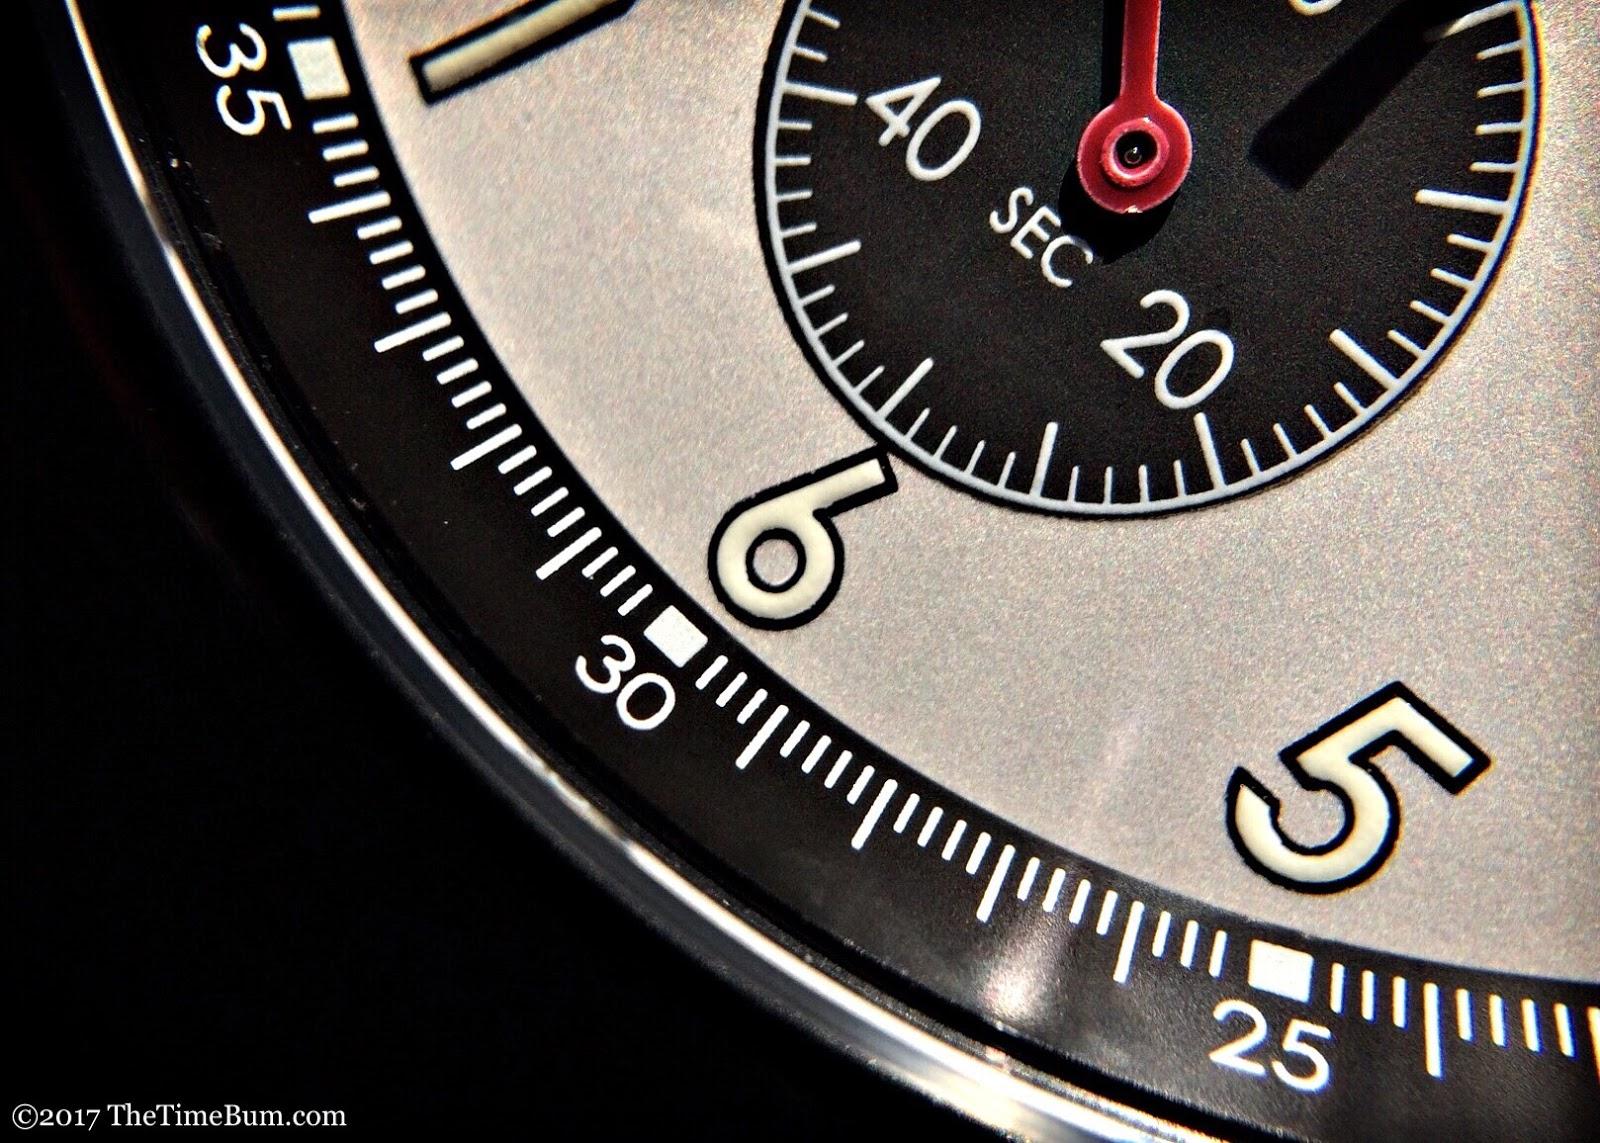 McDowell Time Sonoma prototype macro